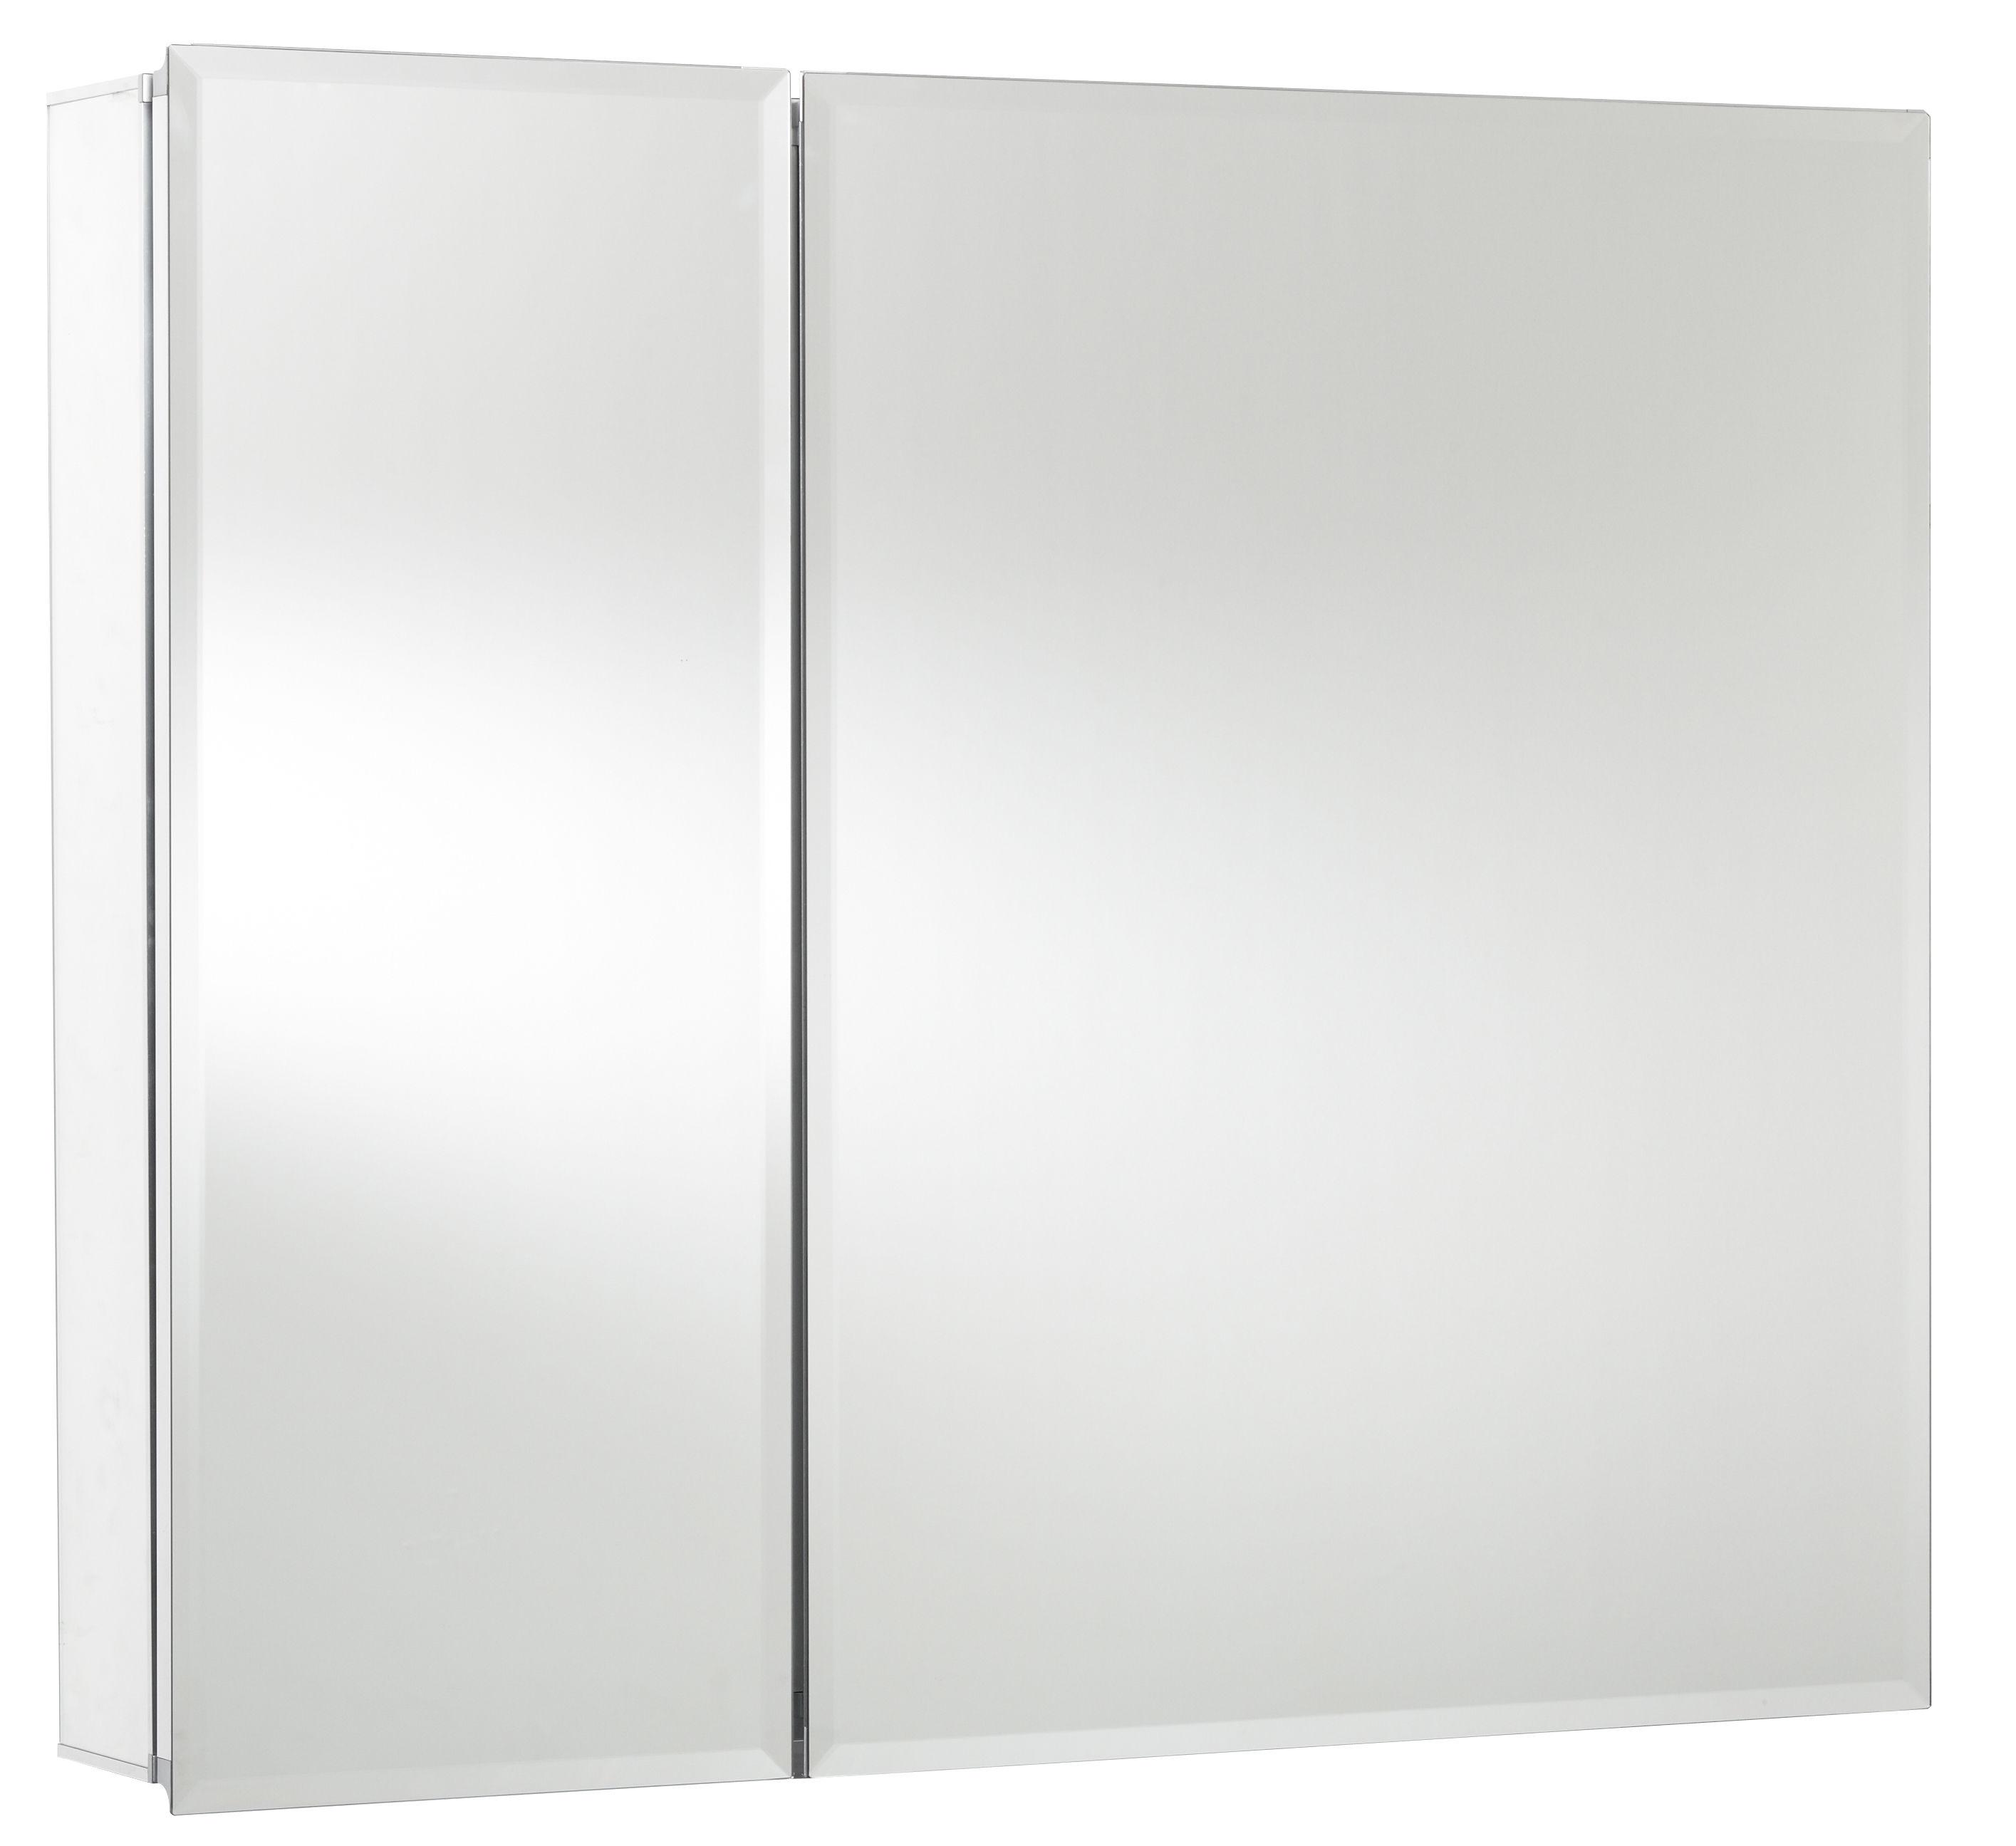 Jacuzzi Pd44000 Silver Aluminum 26 H X 30 W X 5 14 D Double Door